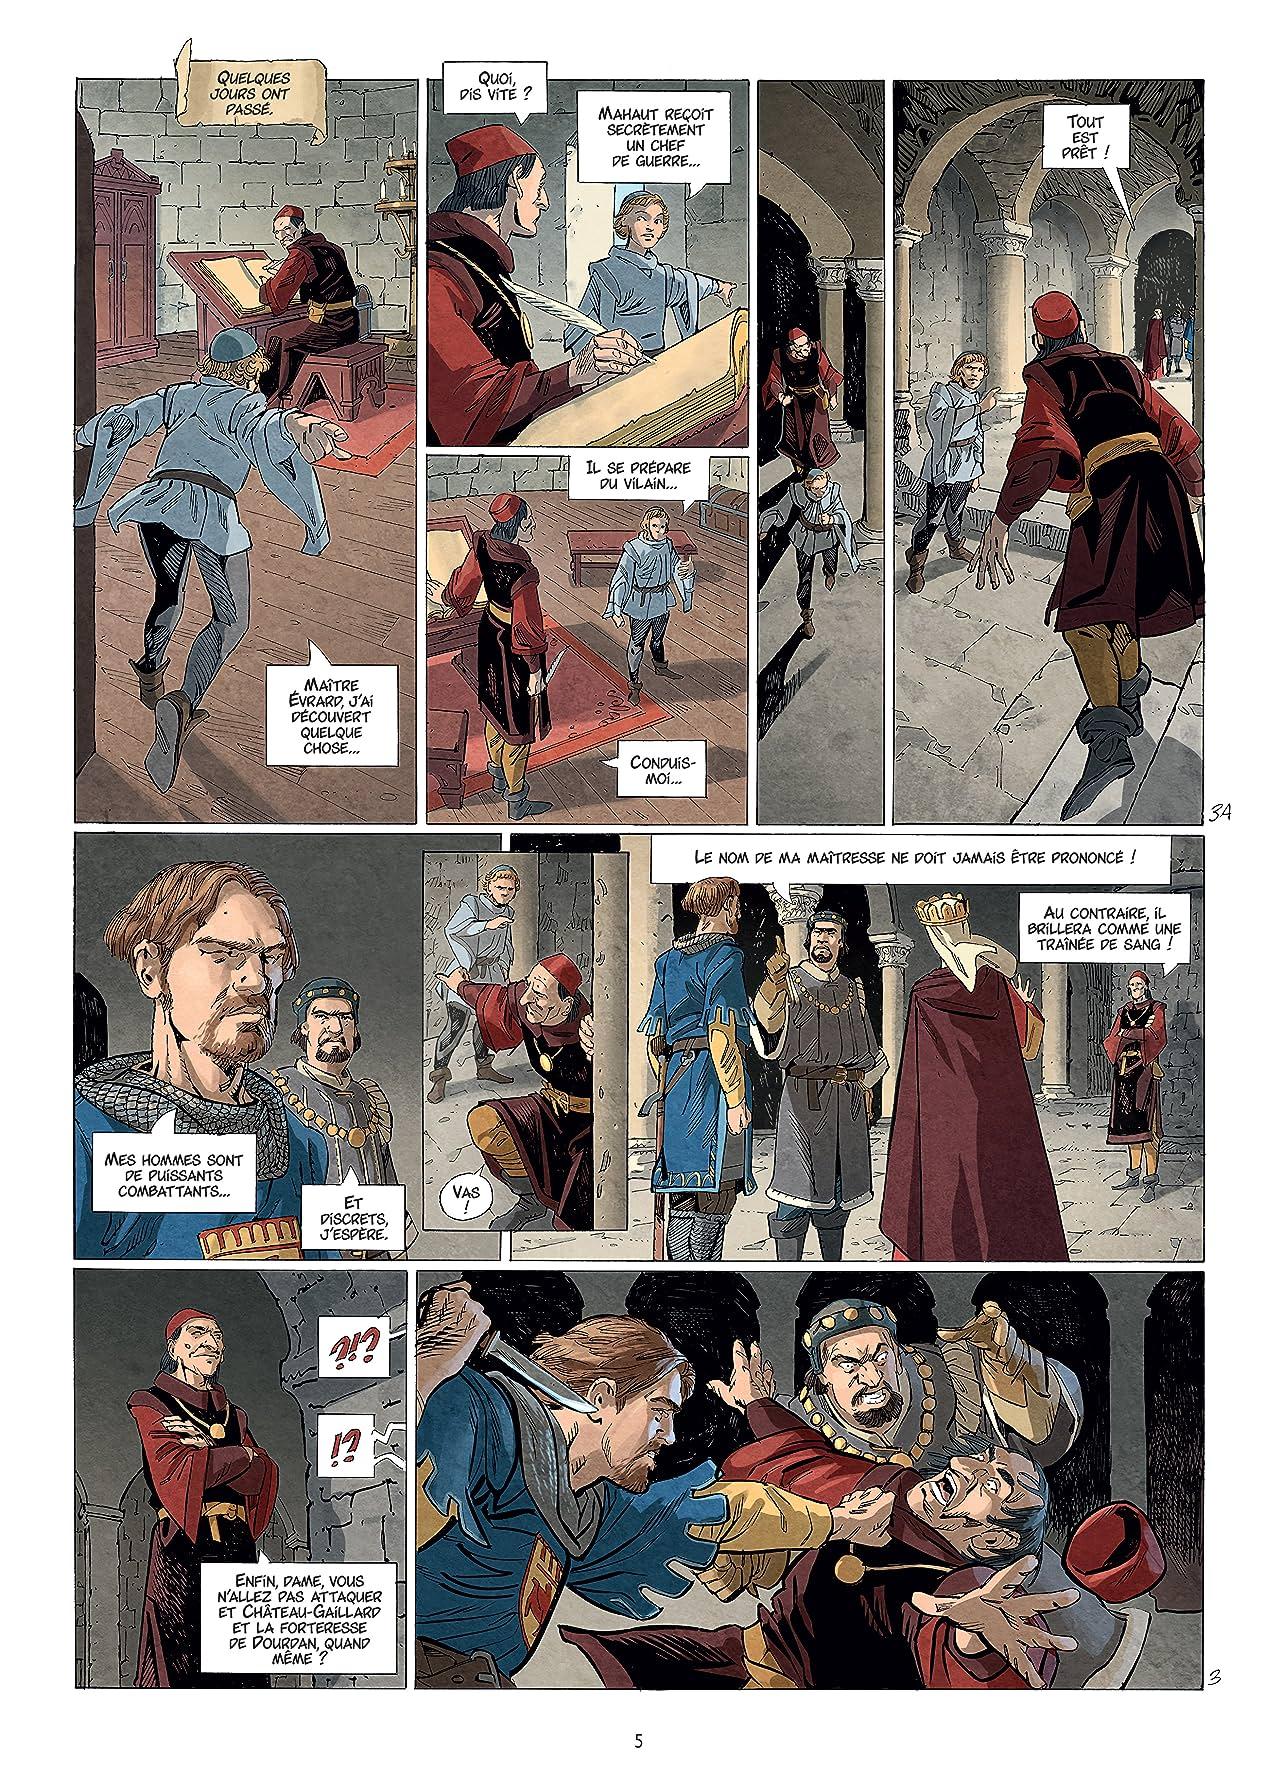 Les Reines de sang - Jeanne, la Mâle Reine Vol. 2